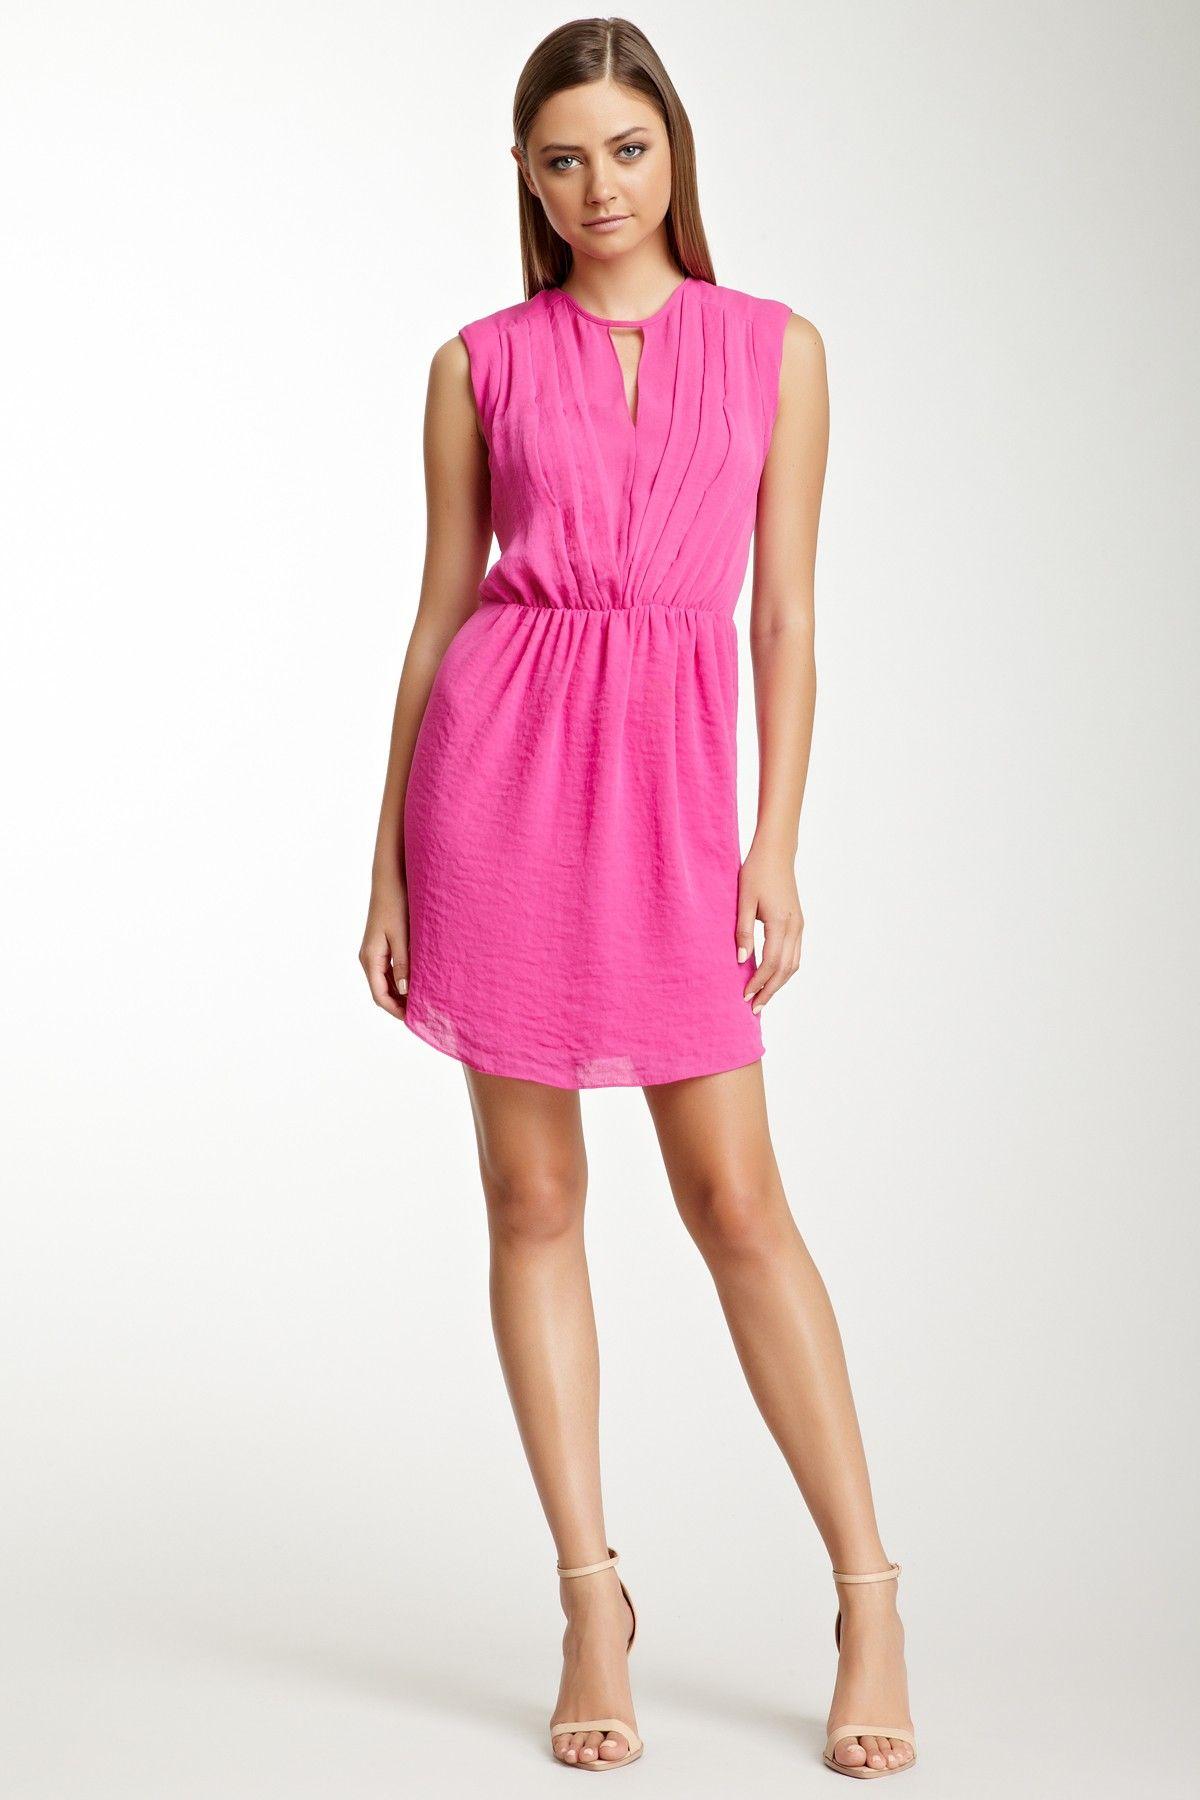 Pink crepe dress | Dress | Pinterest | Mi estilo, Molde y Vestiditos